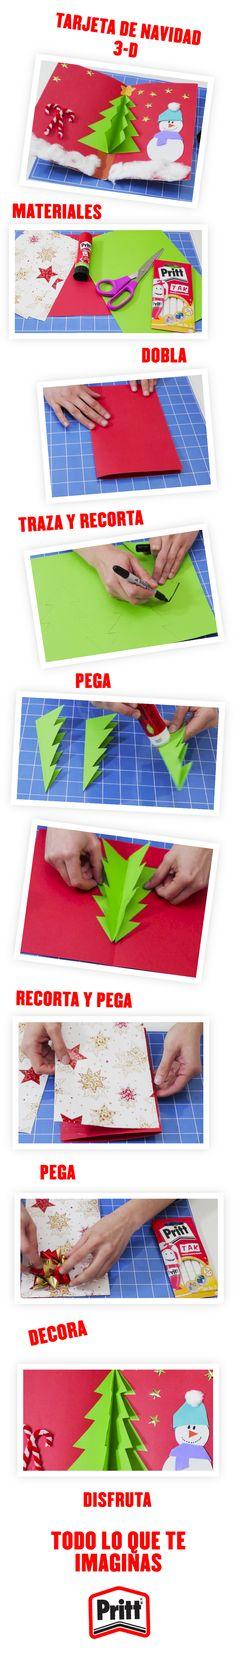 ¡Haz de tus tarjetas navideñas en 3D un detalle único! Te enseñamos a hacerlas paso a paso en la siguiente liga: www.prittworld.com #Manualidad #Navidad #TarjetaDeNavidad #3D #IdeasNavidad #Navidad #Maestros #Niños #DYS #Craft #Christmas #Teacher #Children #ChristmasTree #Pritt